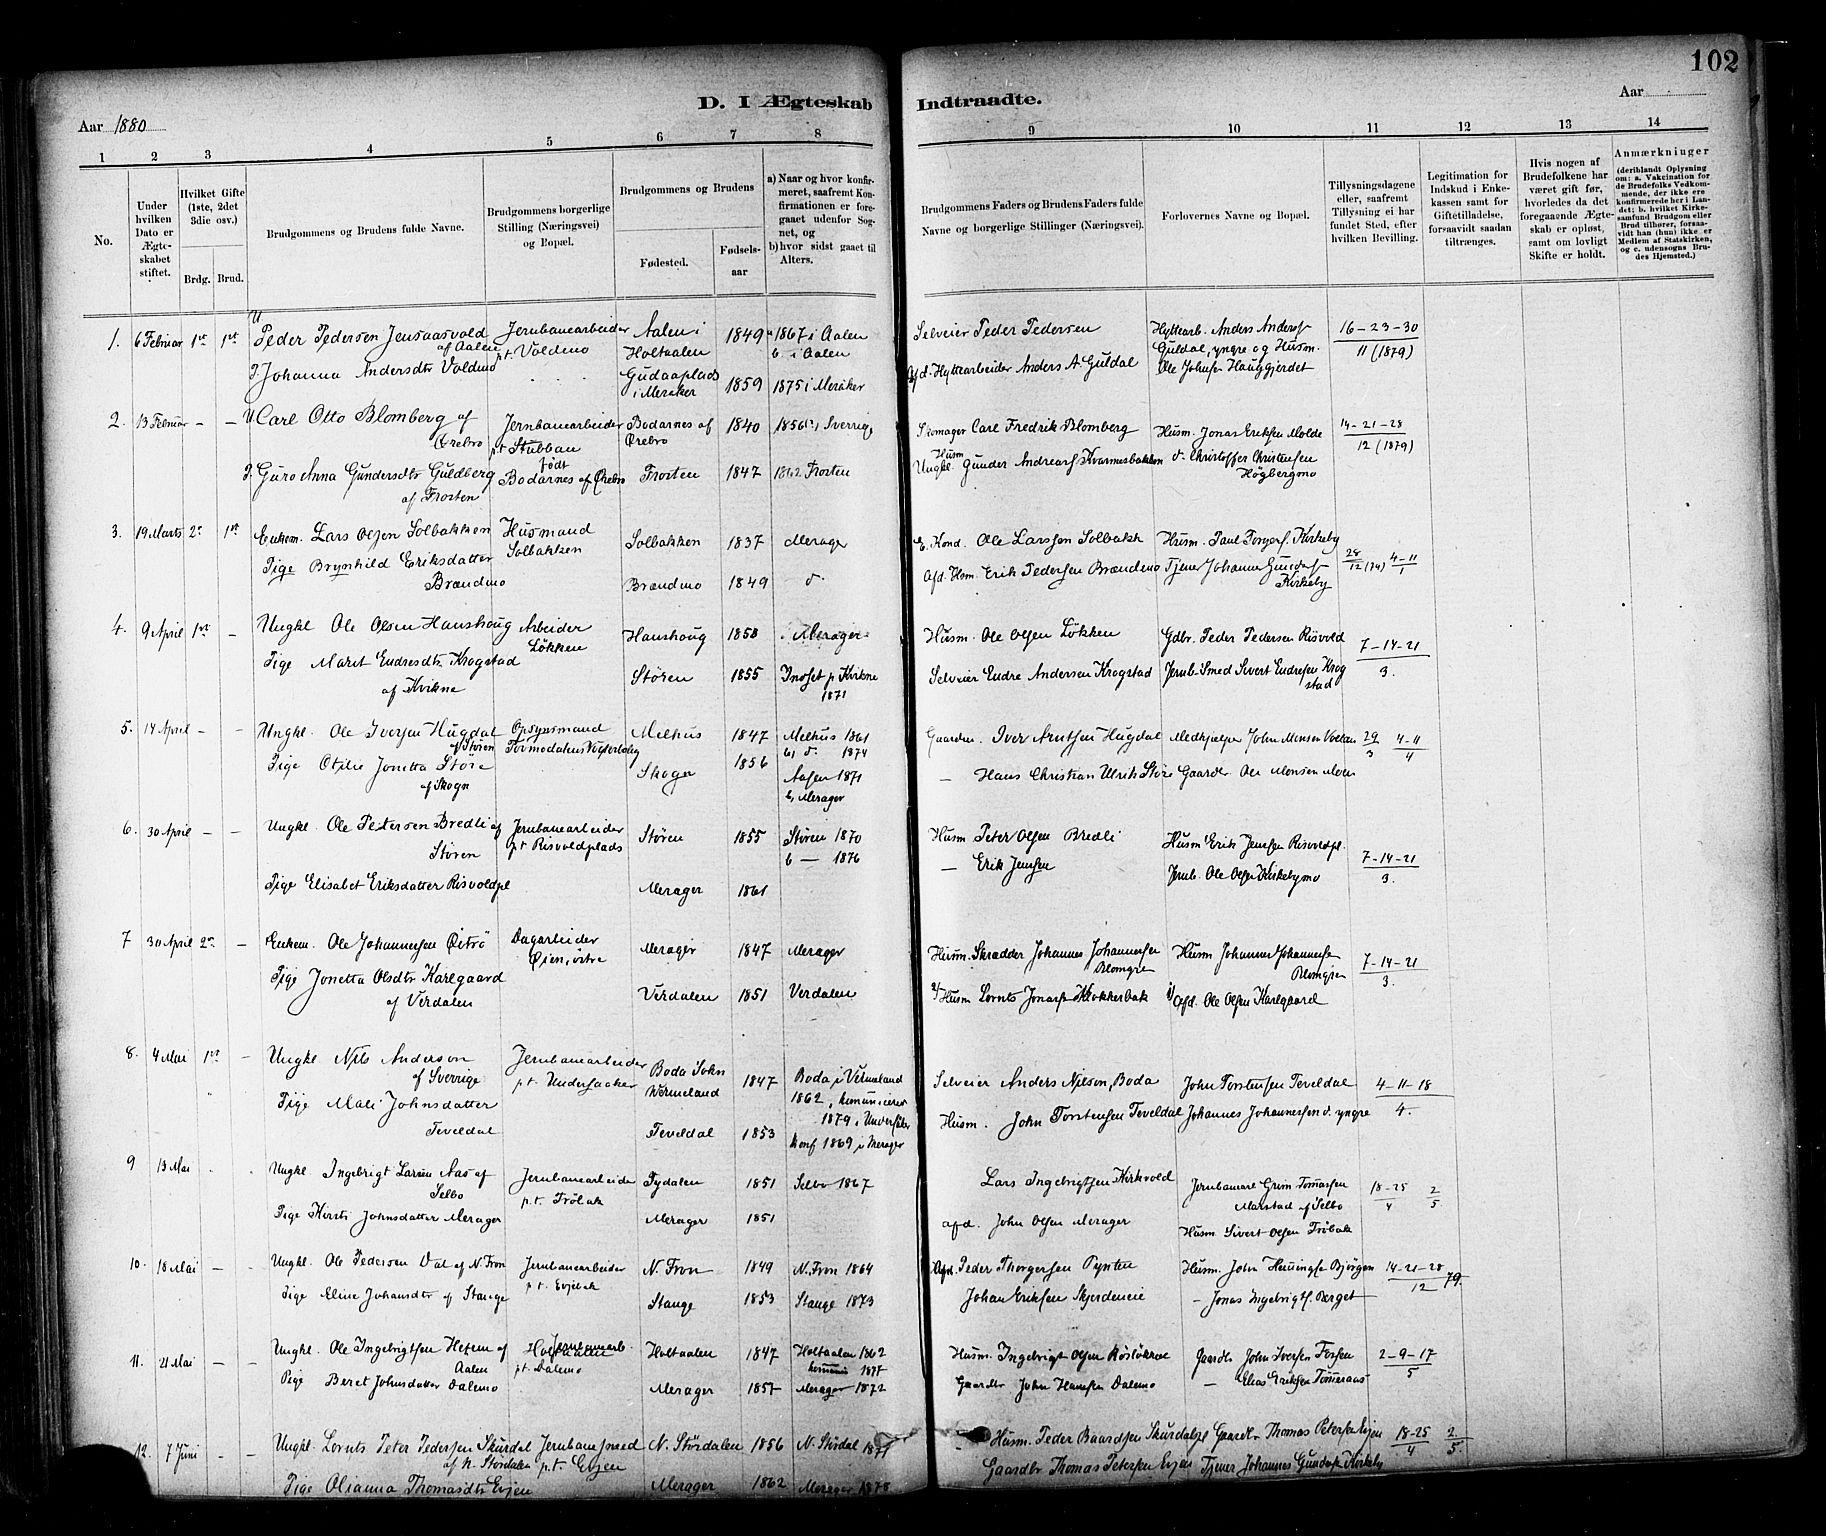 SAT, Ministerialprotokoller, klokkerbøker og fødselsregistre - Nord-Trøndelag, 706/L0047: Ministerialbok nr. 706A03, 1878-1892, s. 102